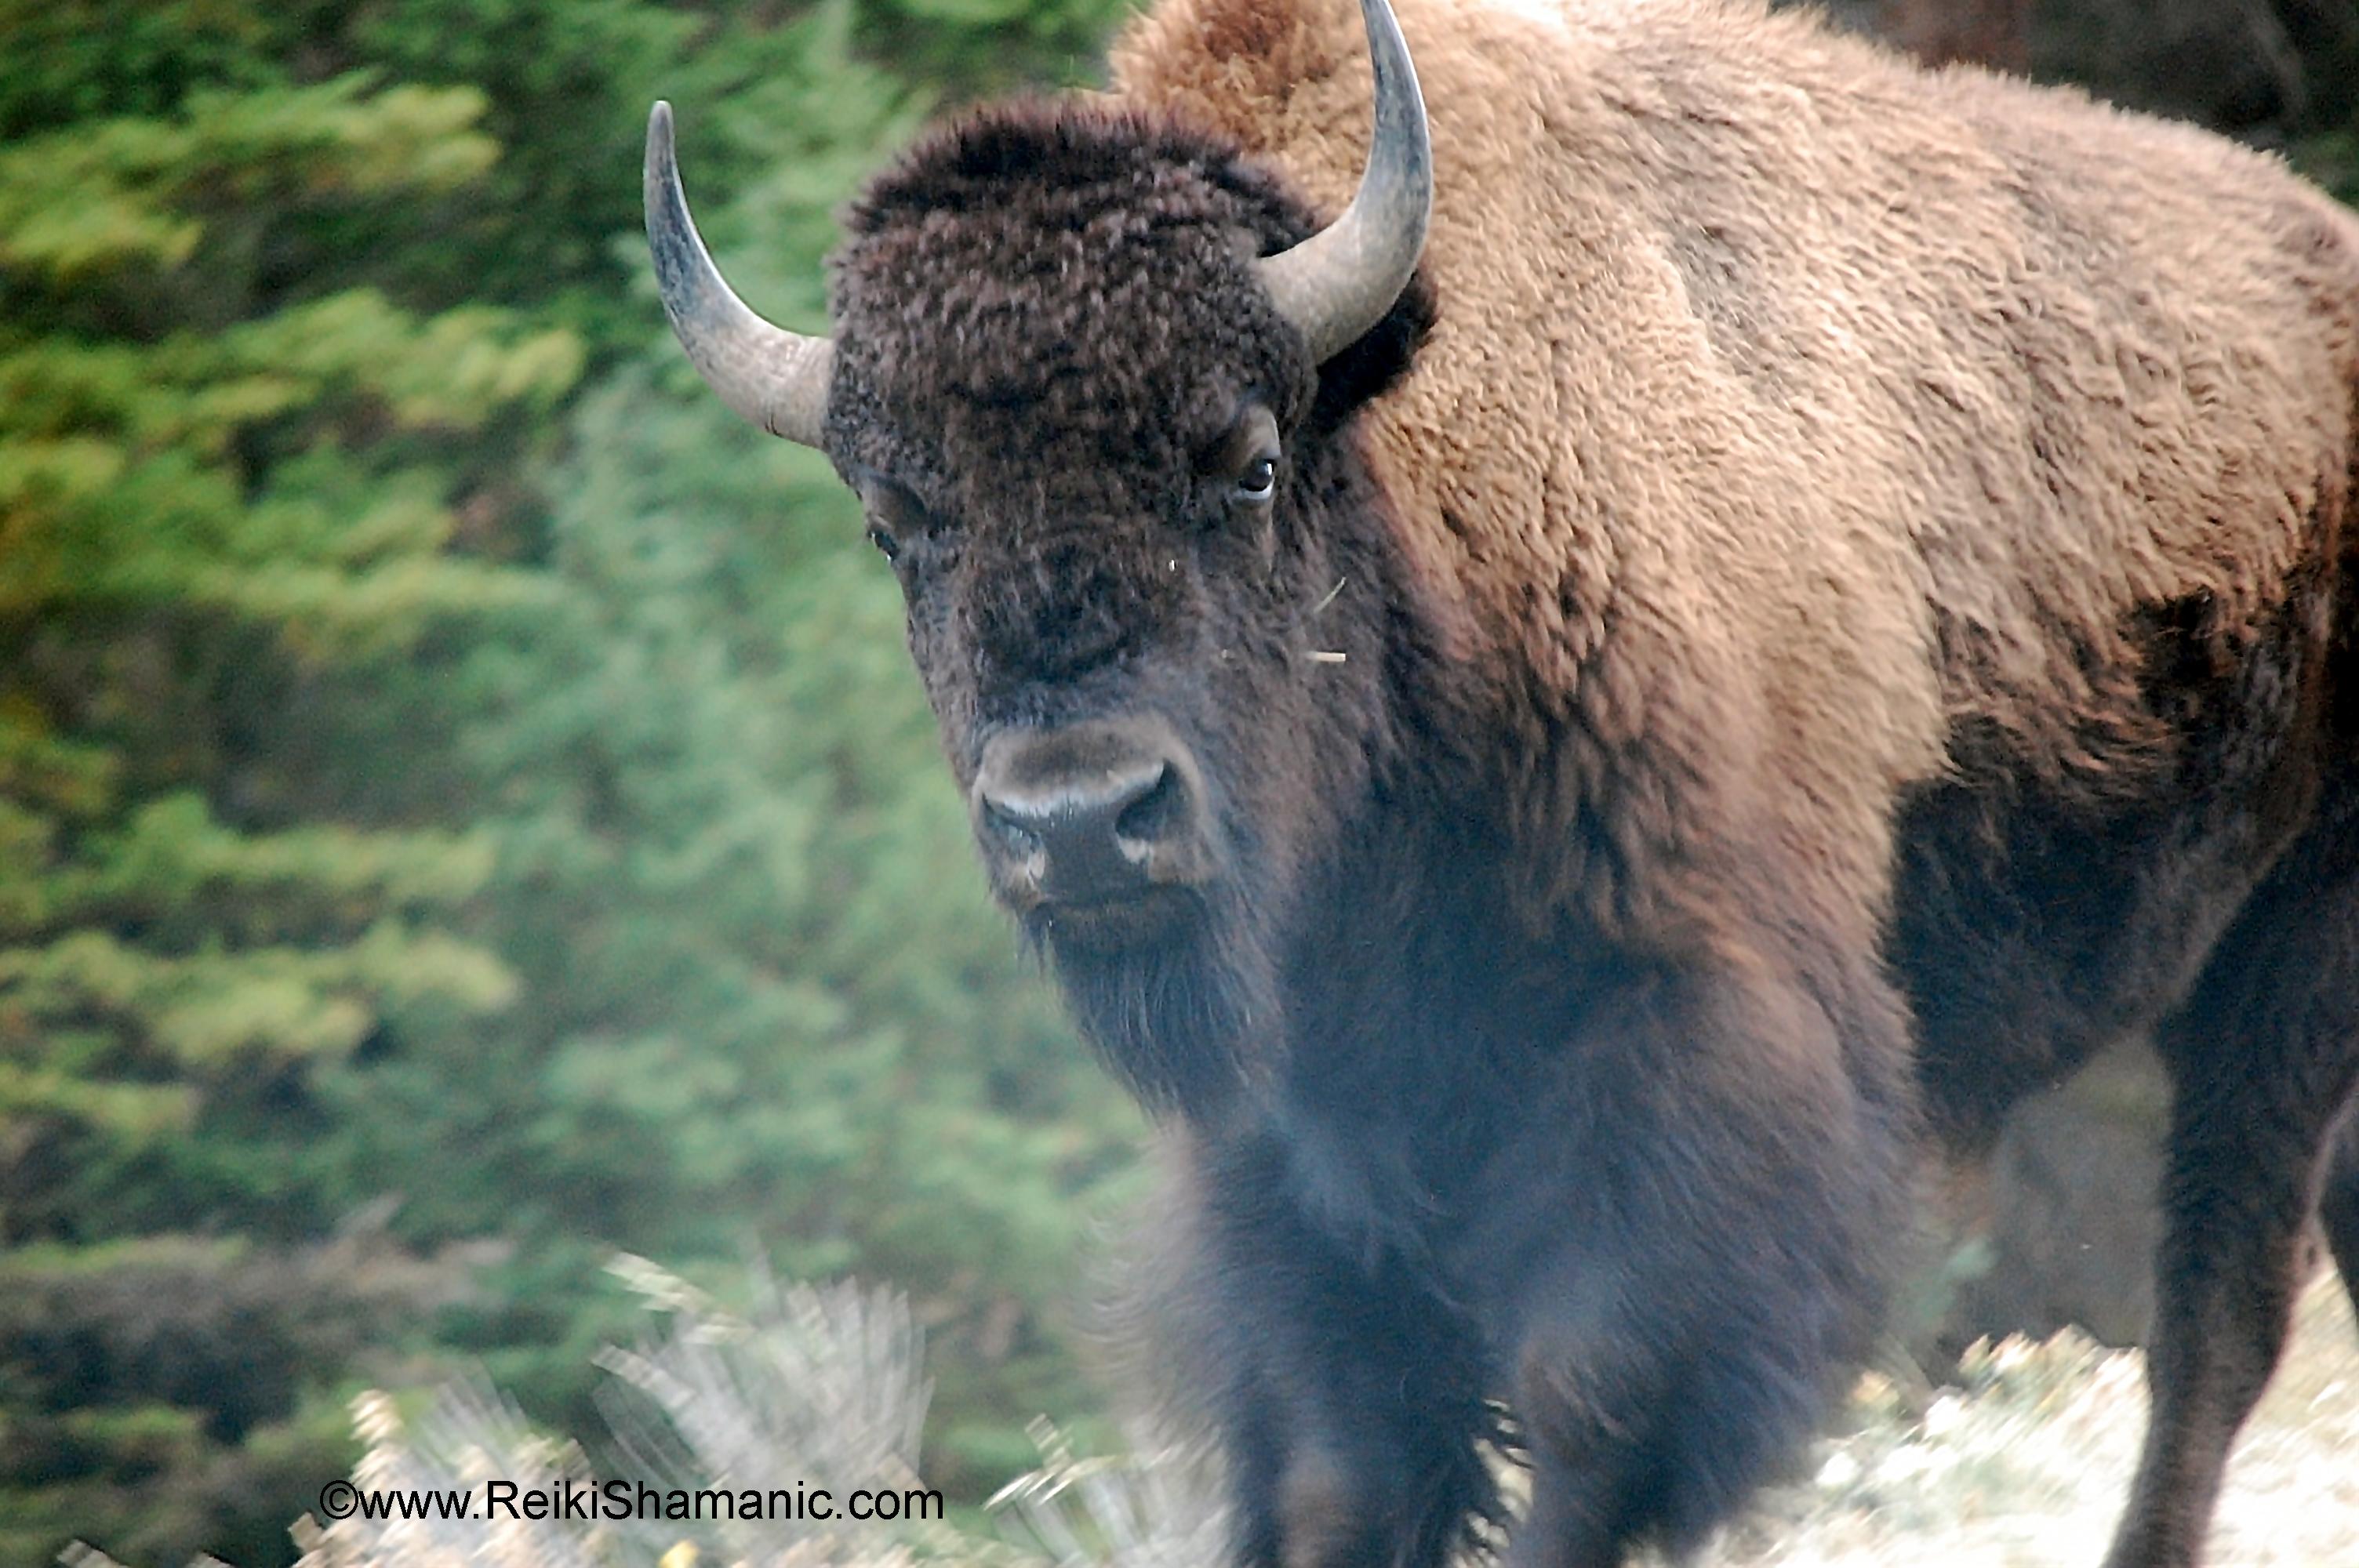 Yellowstone Buffalo Hard Look, ©Rose De Dan Www.ReikiShamanic.com